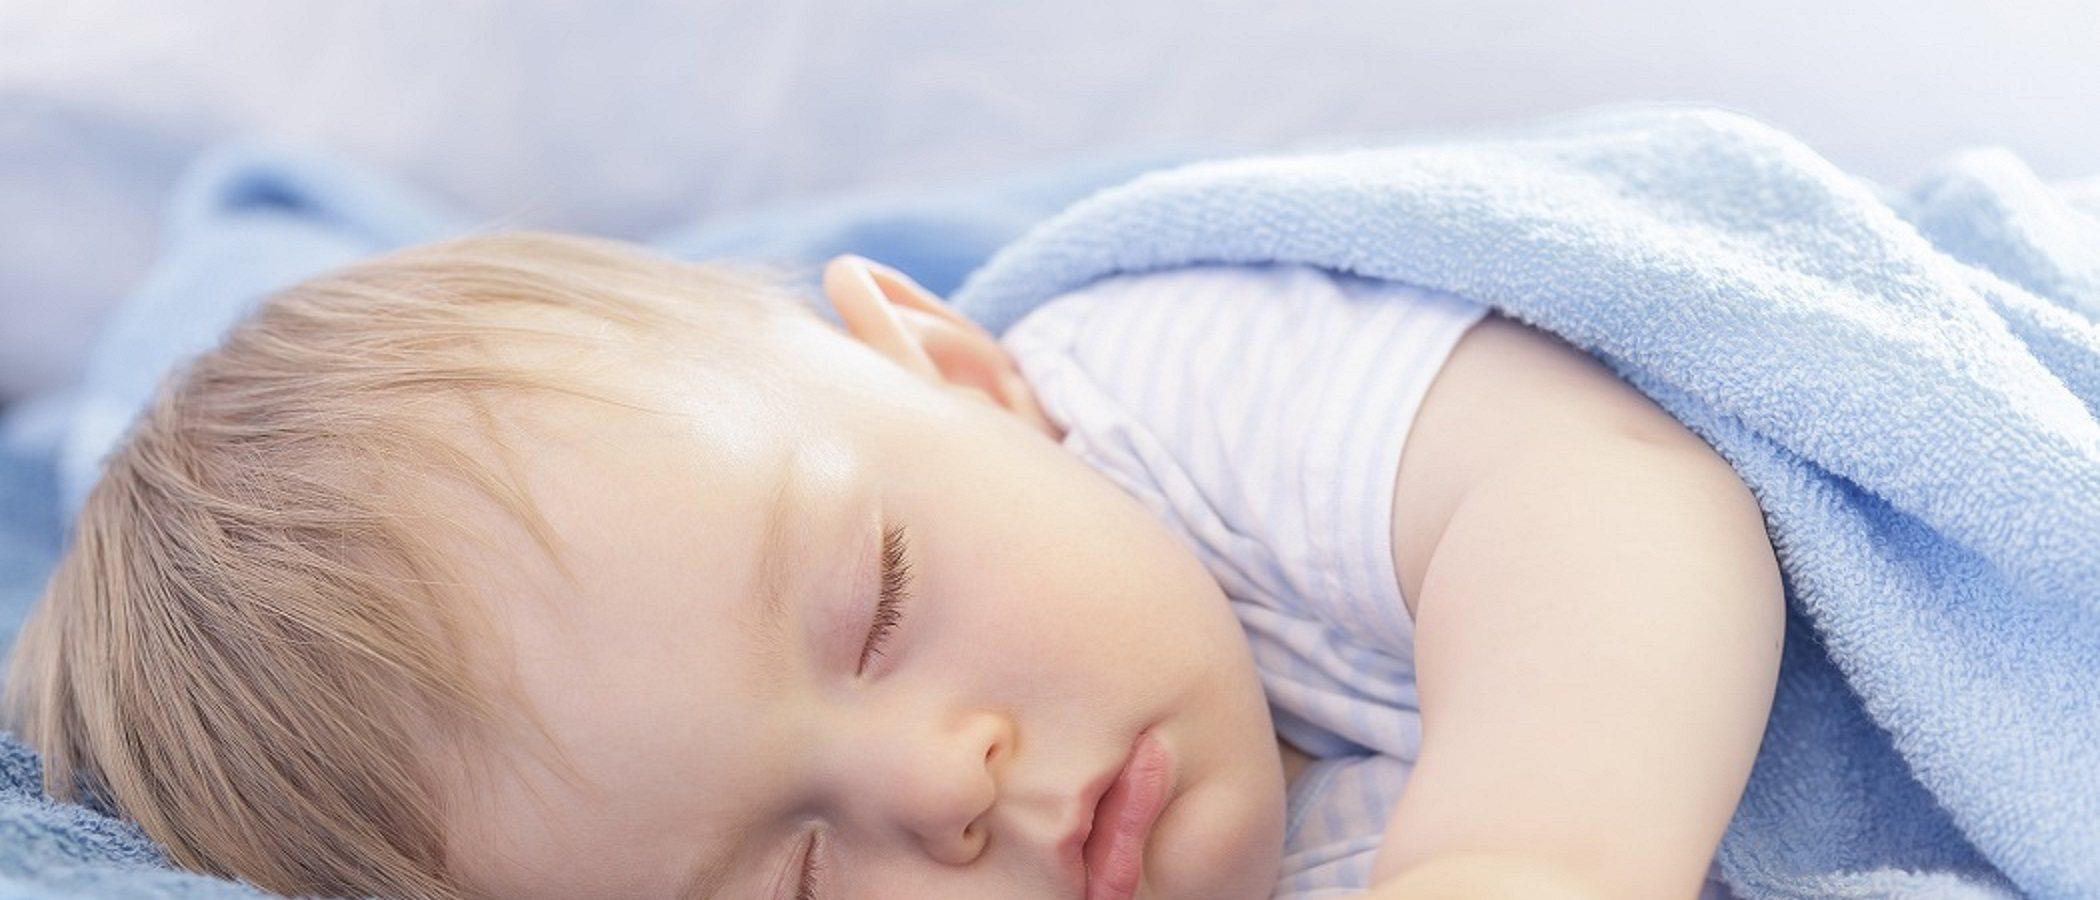 Señales clave para detectar el autismo a los 18 meses